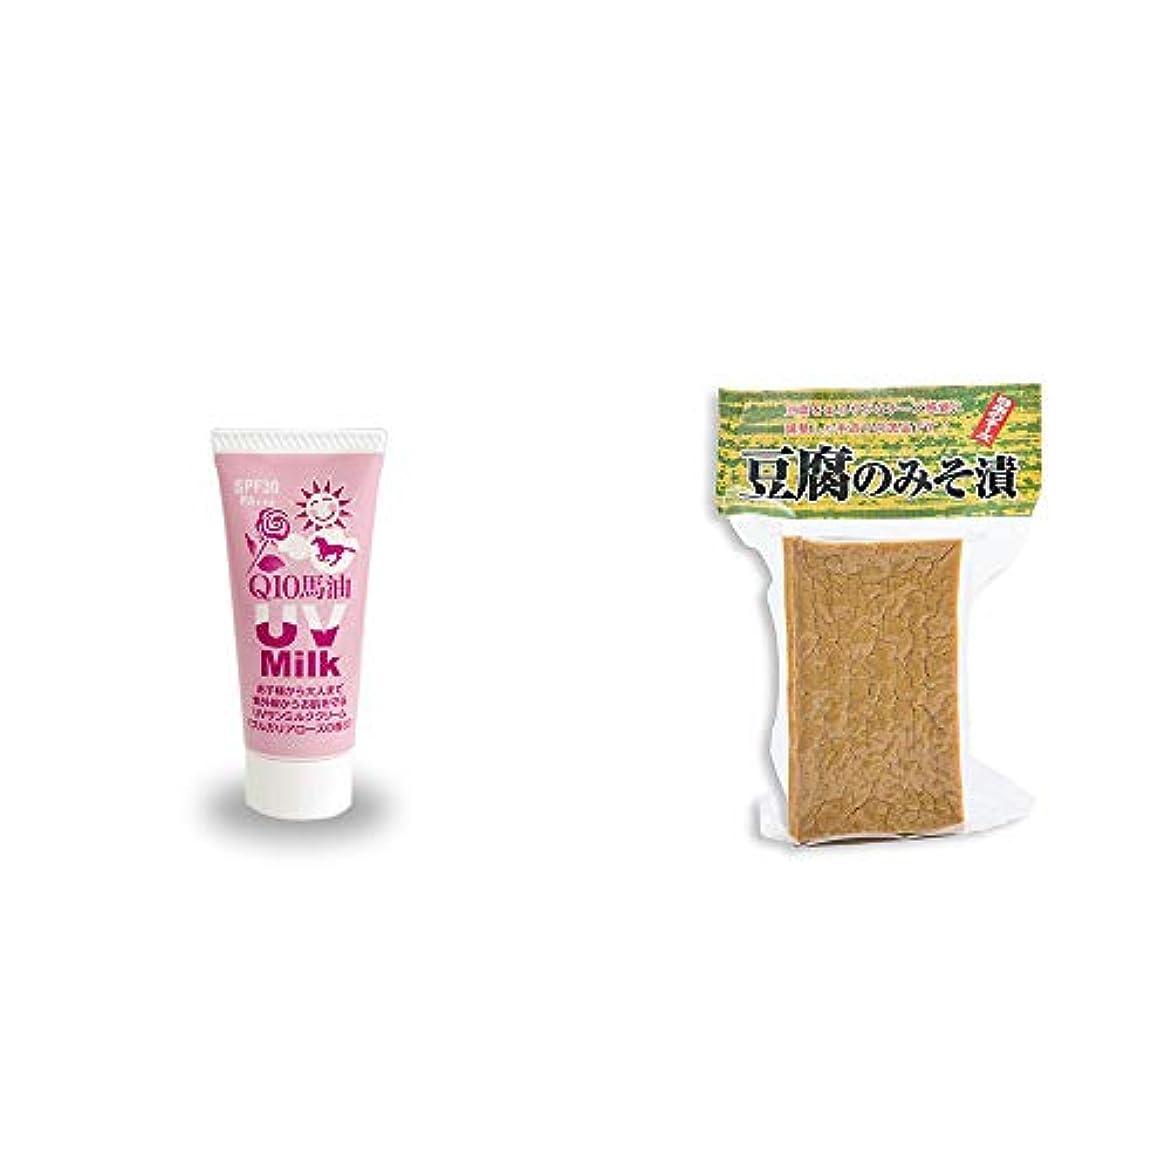 ショッキングしょっぱいインシュレータ[2点セット] 炭黒泉 Q10馬油 UVサンミルク[ブルガリアローズ](40g)?日本のチーズ 豆腐のみそ漬(1個入)